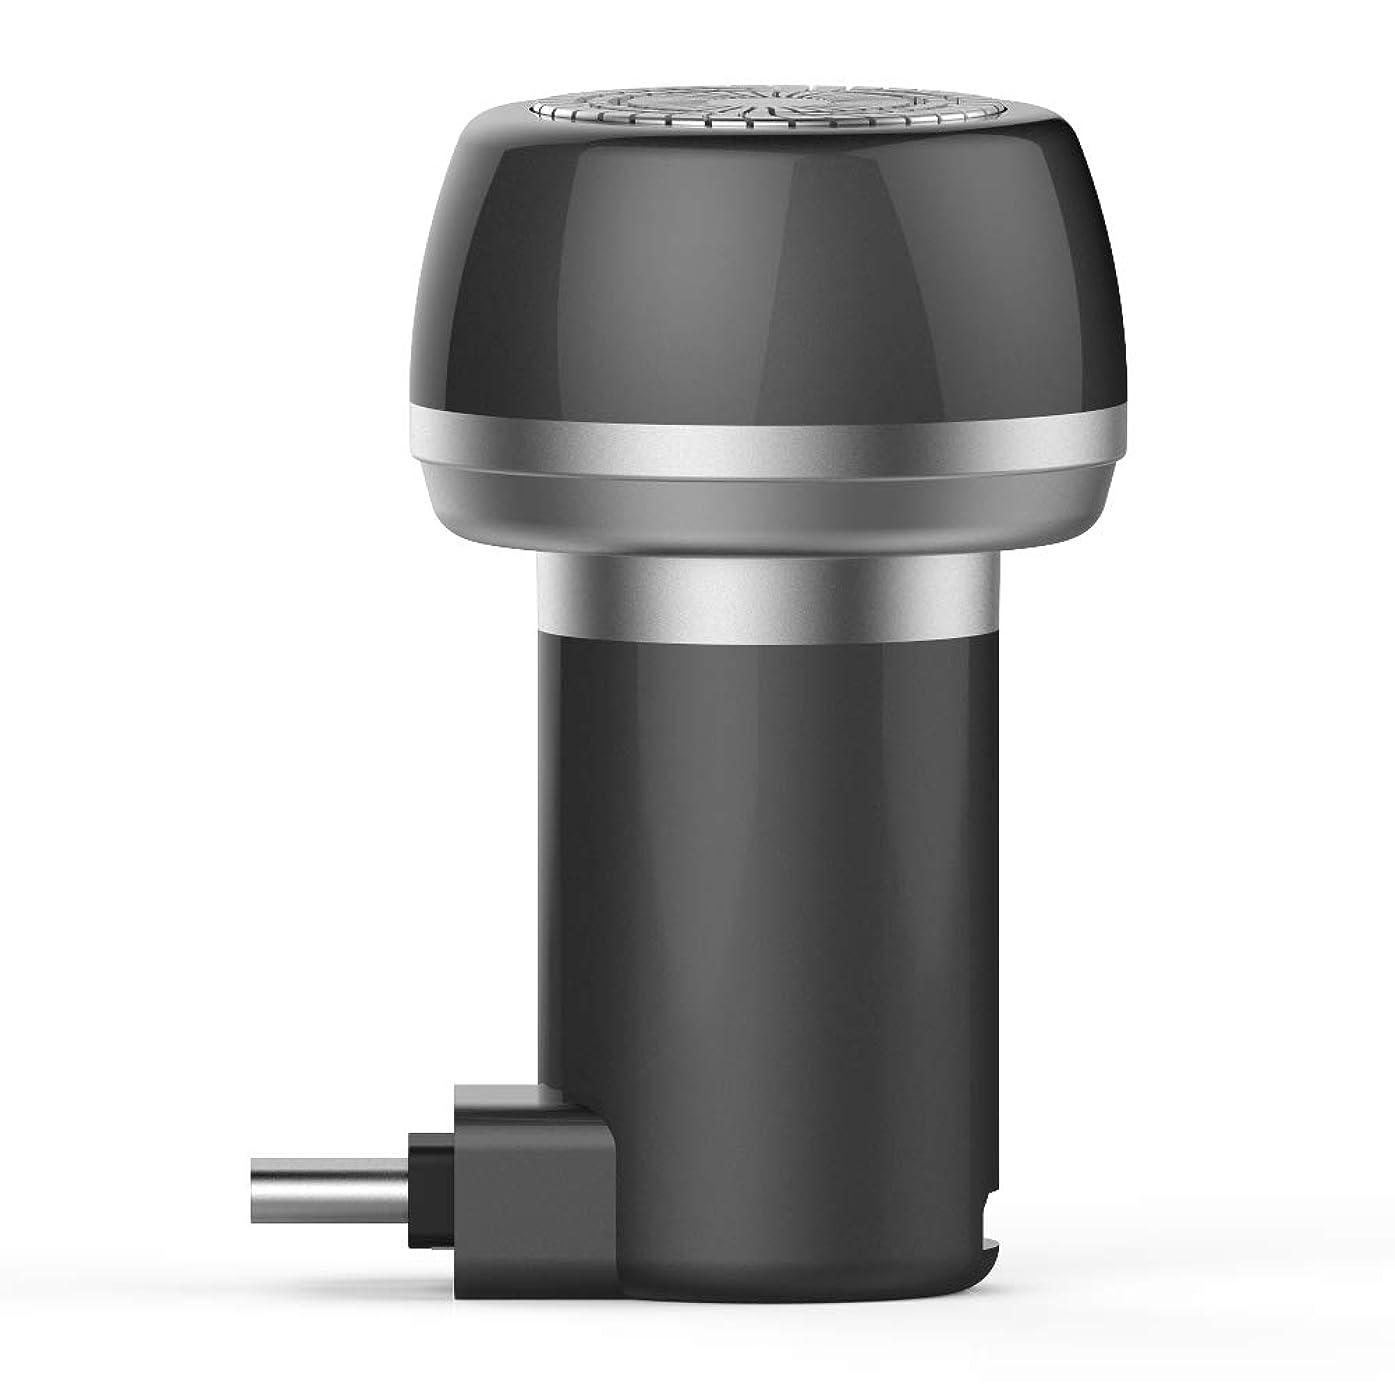 要求算術どれでもXlp ?電気充電式シェーバー、2に付き1磁気電気シェーバーミニポータブルType-C USB防水耐久性剃刀